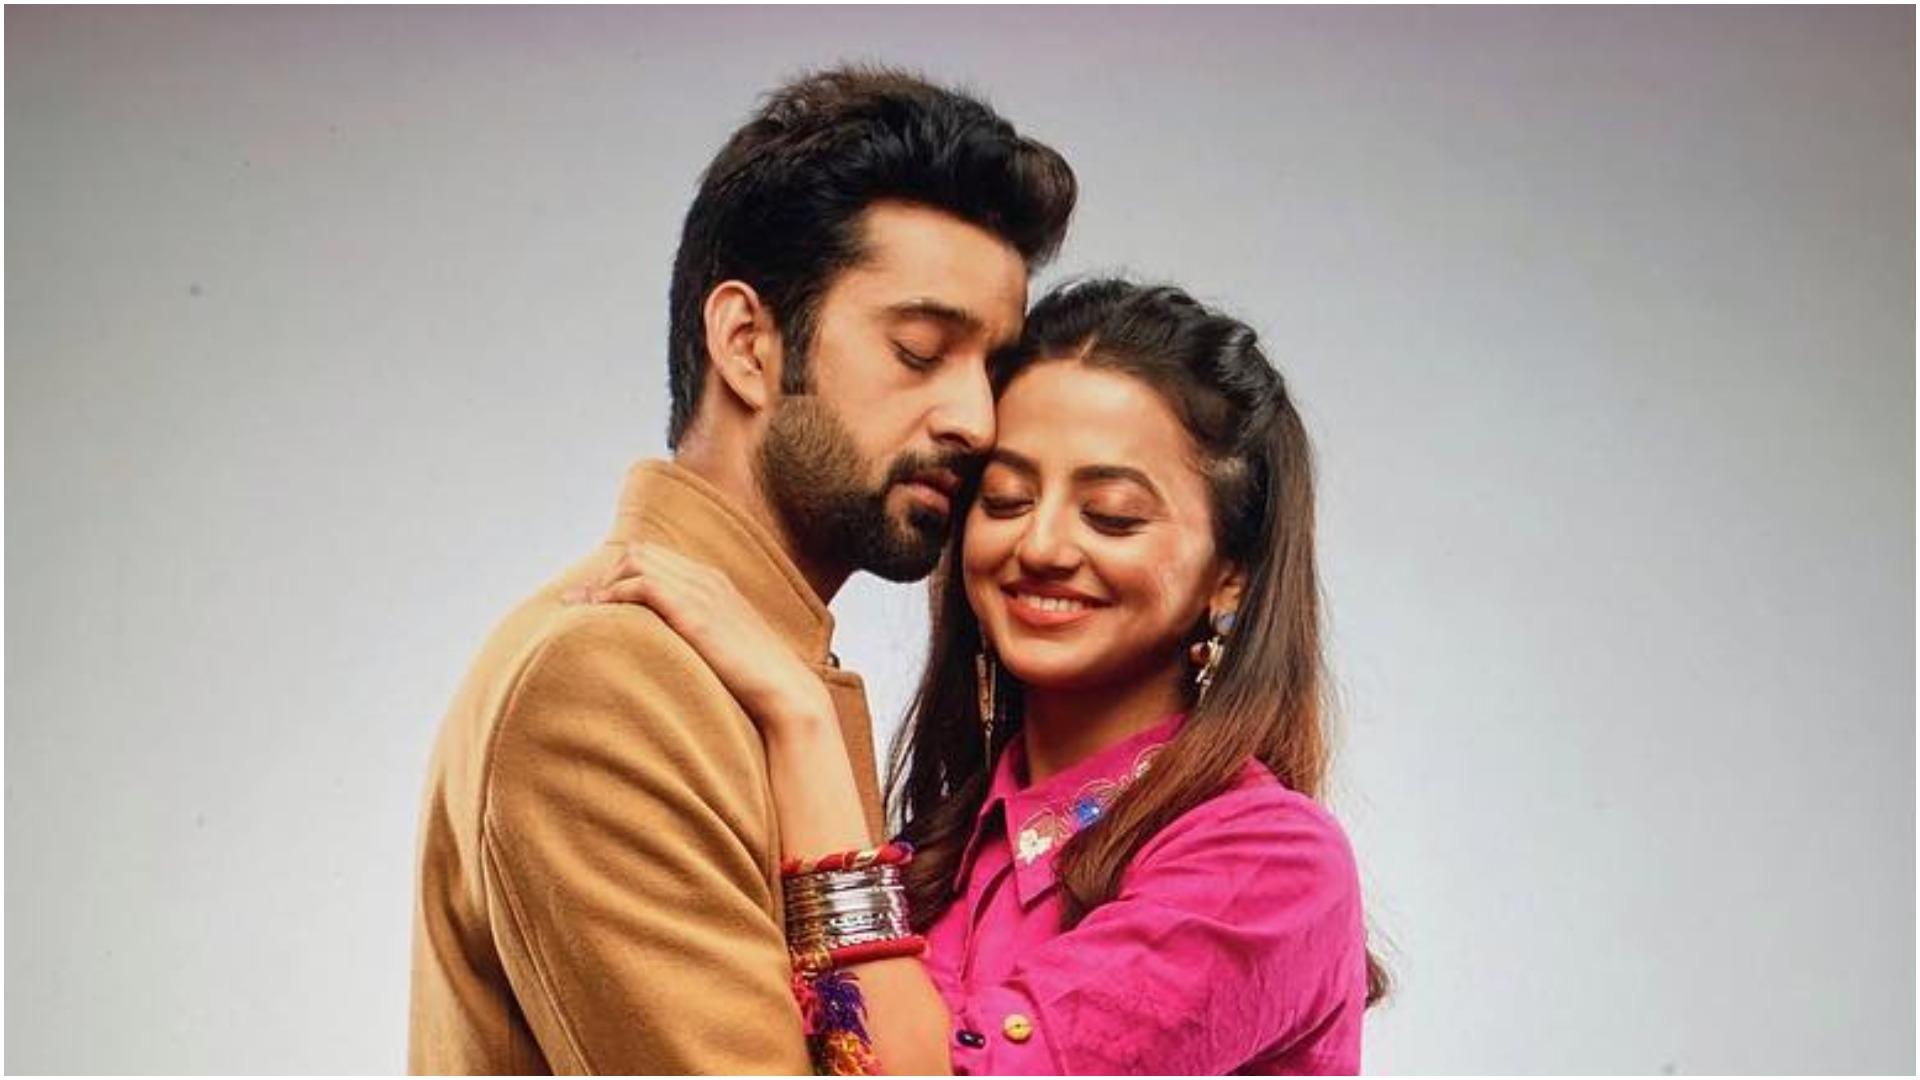 एक्सक्लूसिव: हेली शाह ने 'सूफियाना प्यार मेरा' के लिए छोड़ी बॉलीवुड फिल्म, सीरियल में इतना खास है उनका किरदार